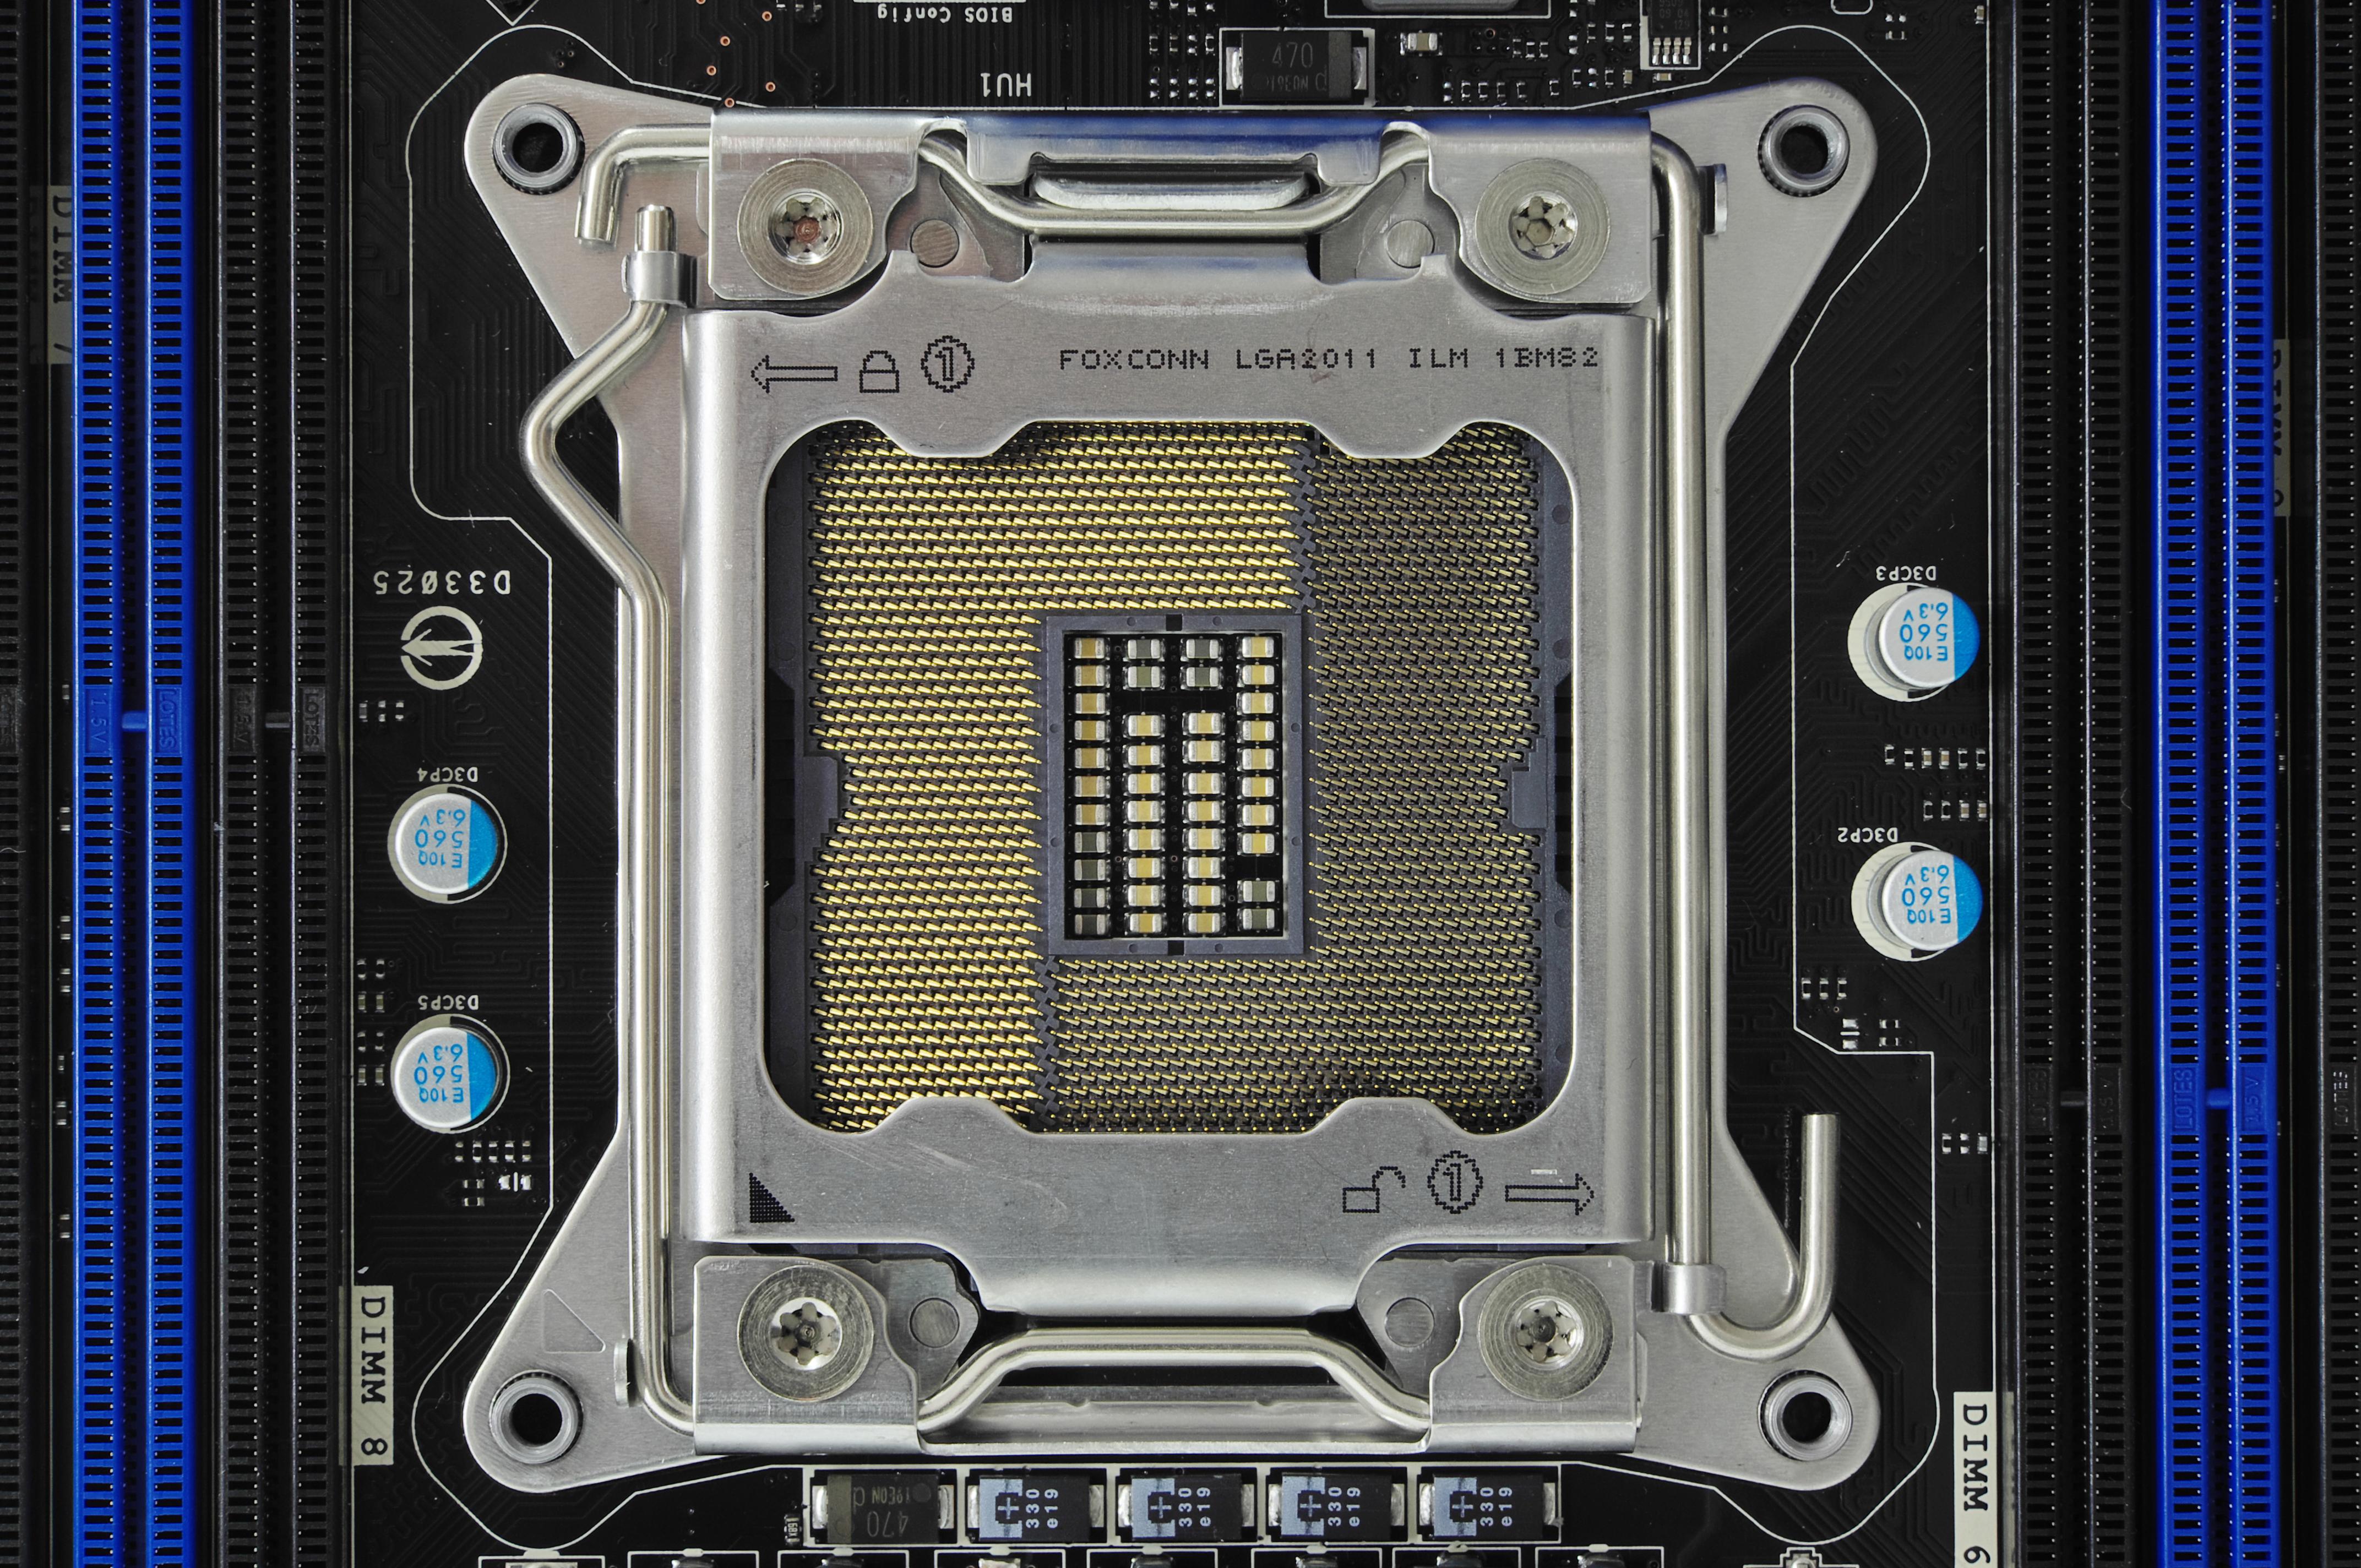 Daftar Harga Prosesor Intel LGA 2011 Terbaru Desember 2012